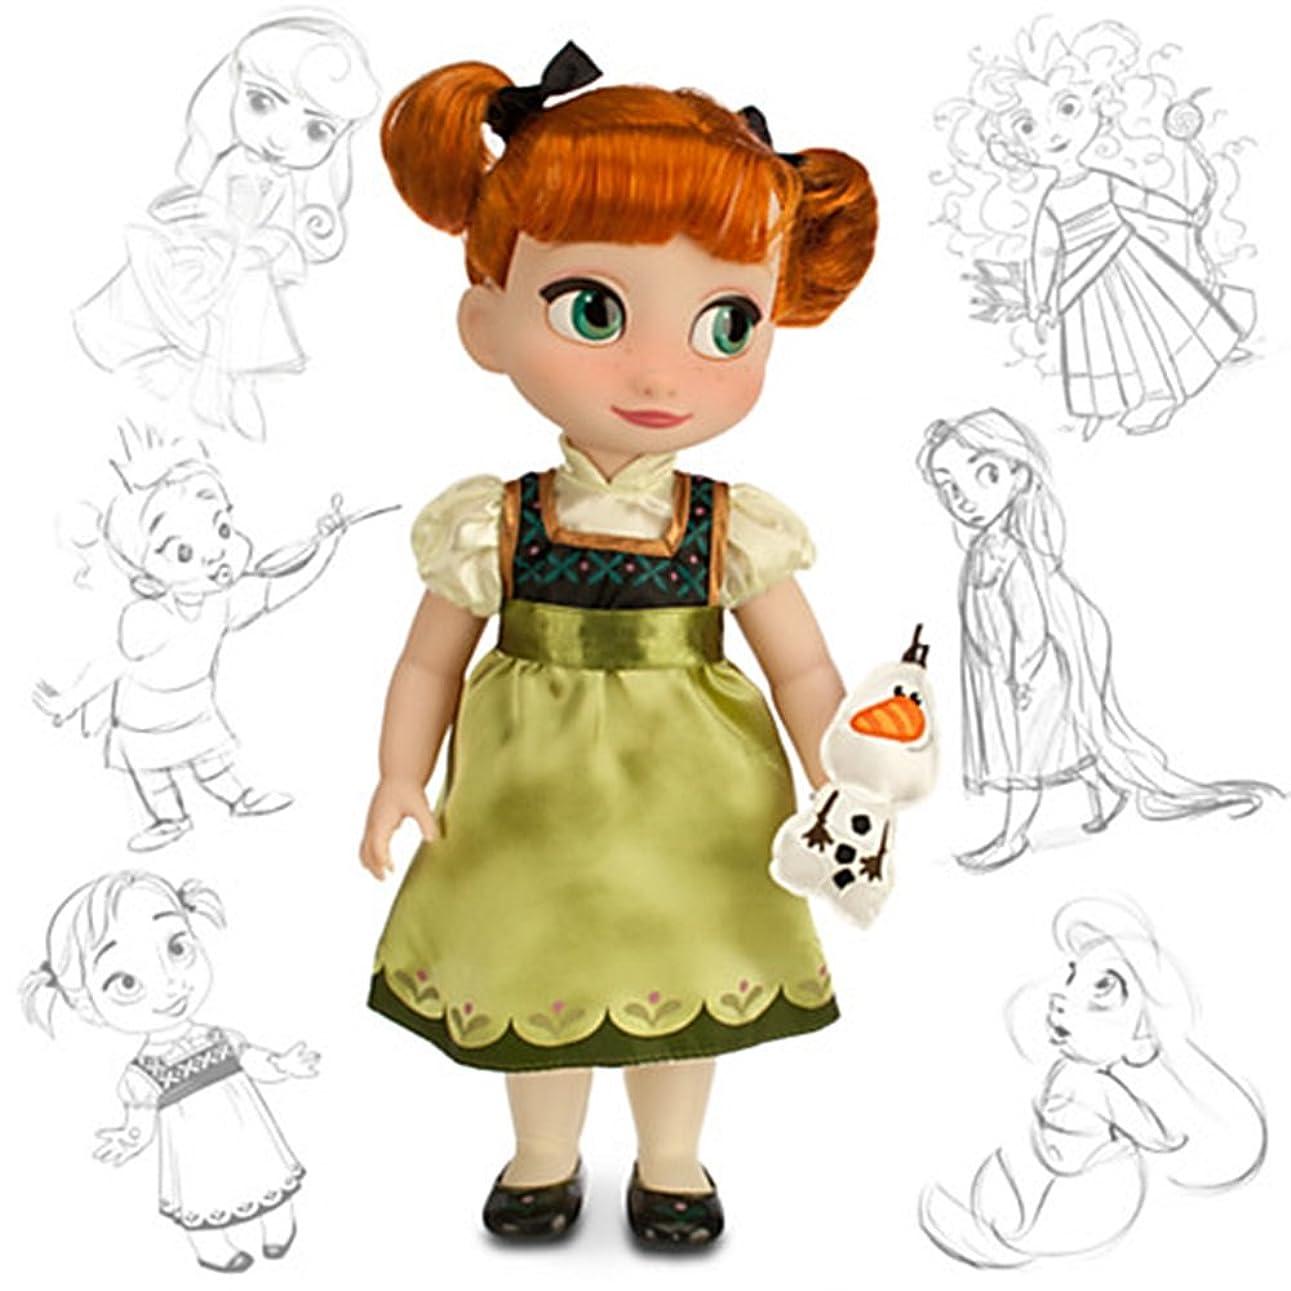 喉が渇いた交響曲アフリカ人Disney USディズニー公式アナと雪の女王 アナ オラフ付 人形 アニメーターコレクションドール フィギュア 並行輸入品